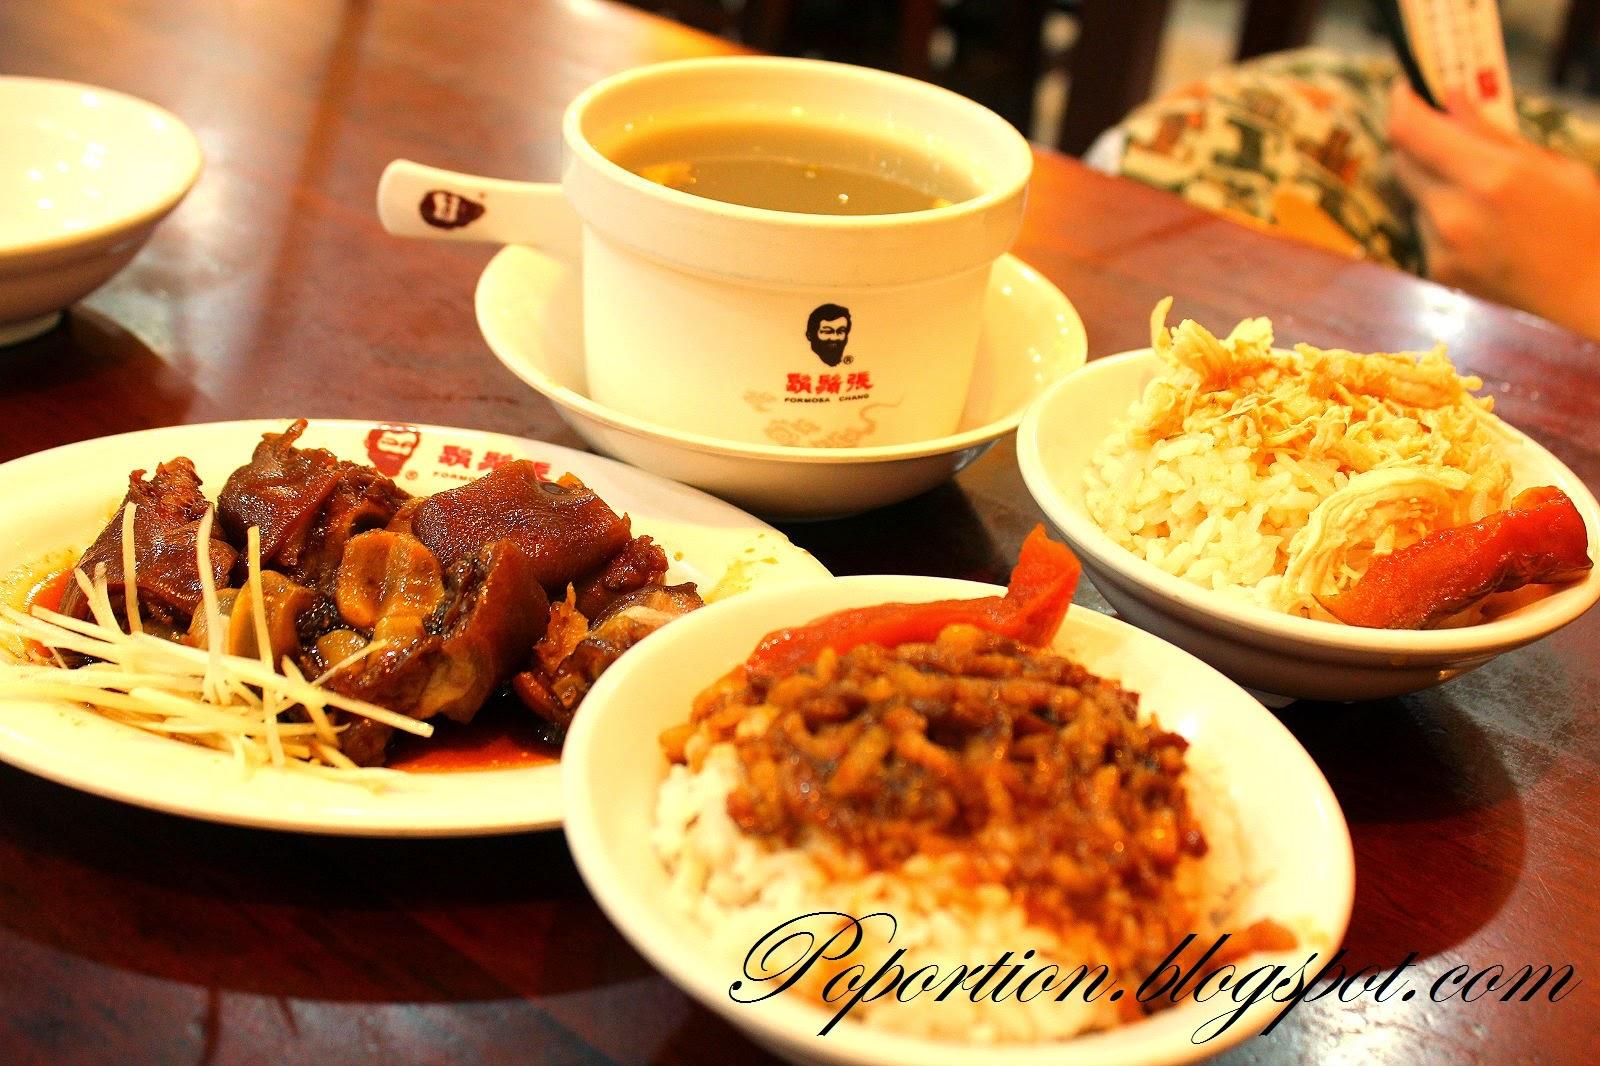 taiwan formosa chang lu rou fan braised meat rice